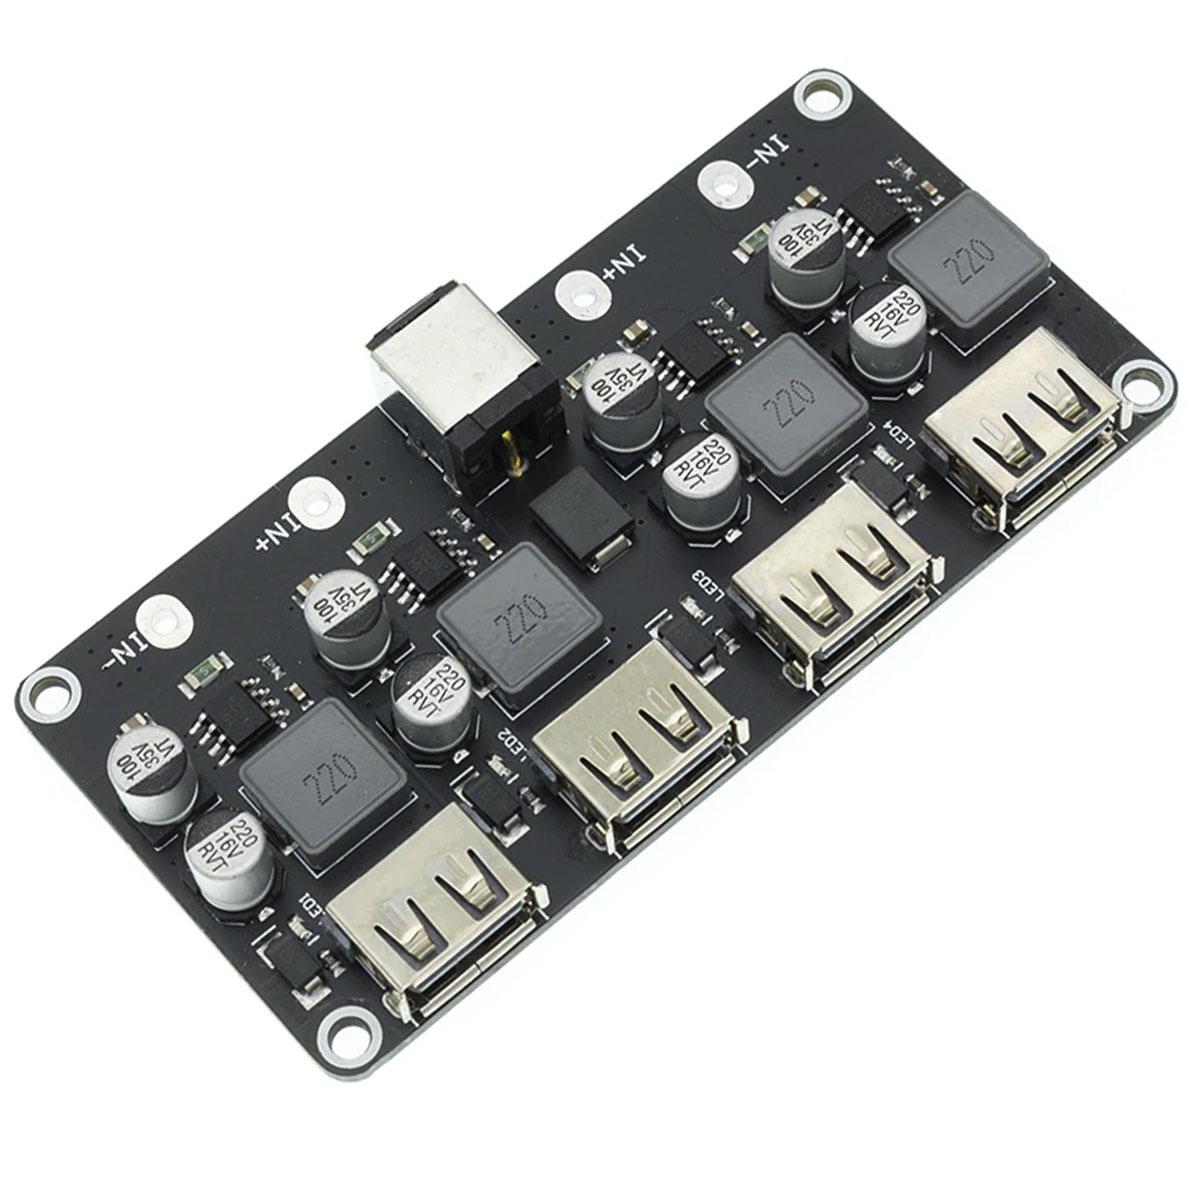 Módulo Regulador de tensão DC DC Step Down 5V p/ carregamento rápido com 4 saídas USB